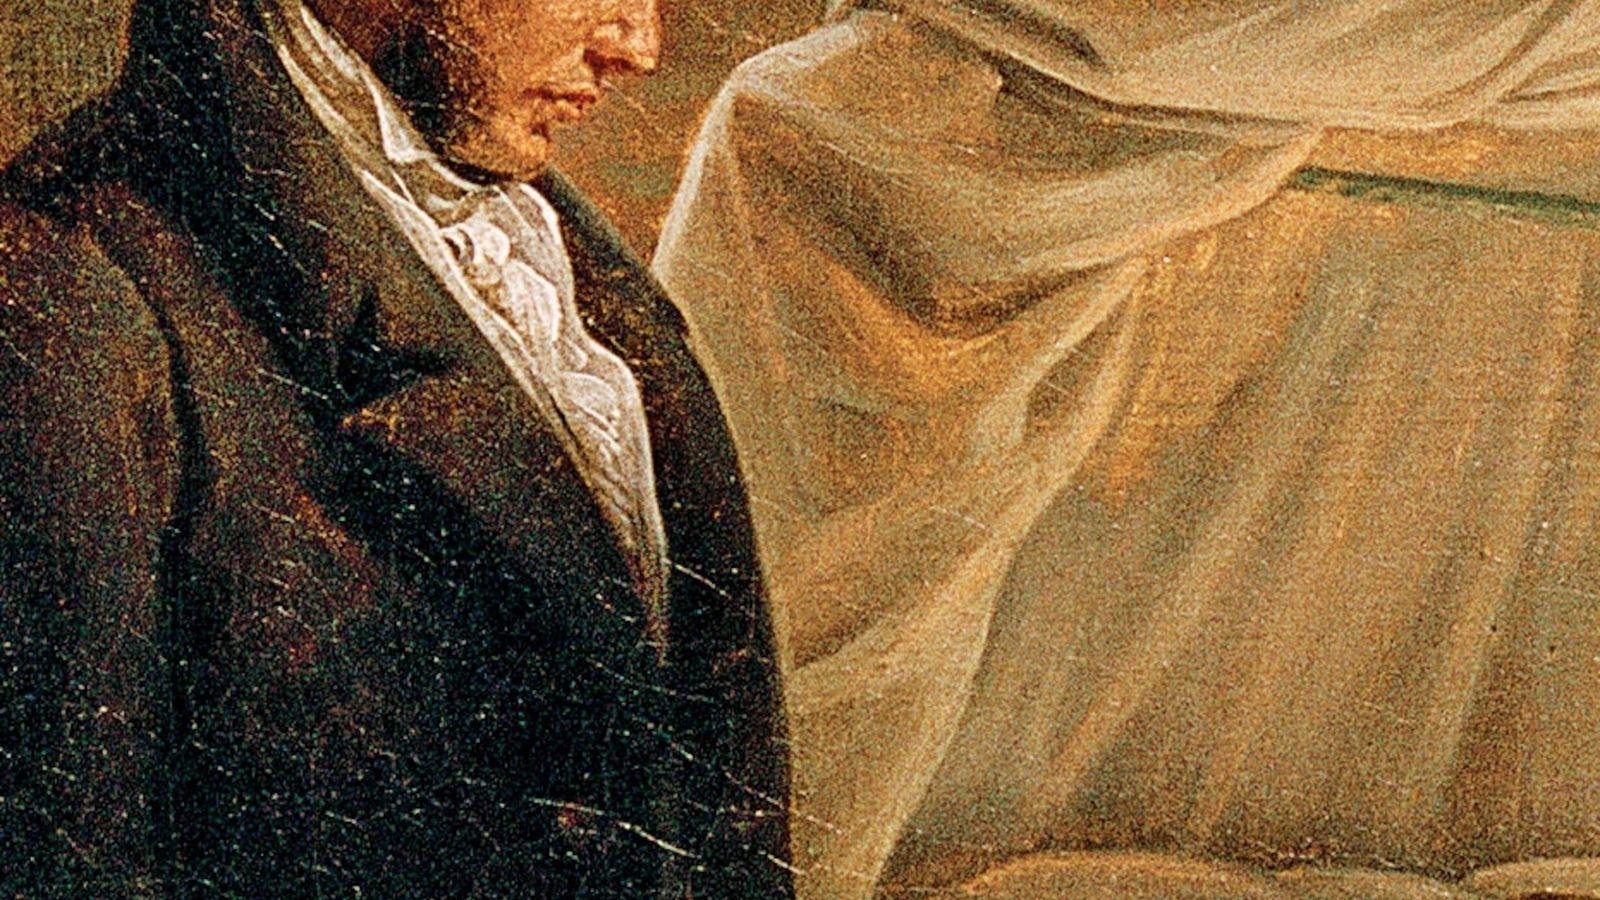 François Carlo Antommarchi